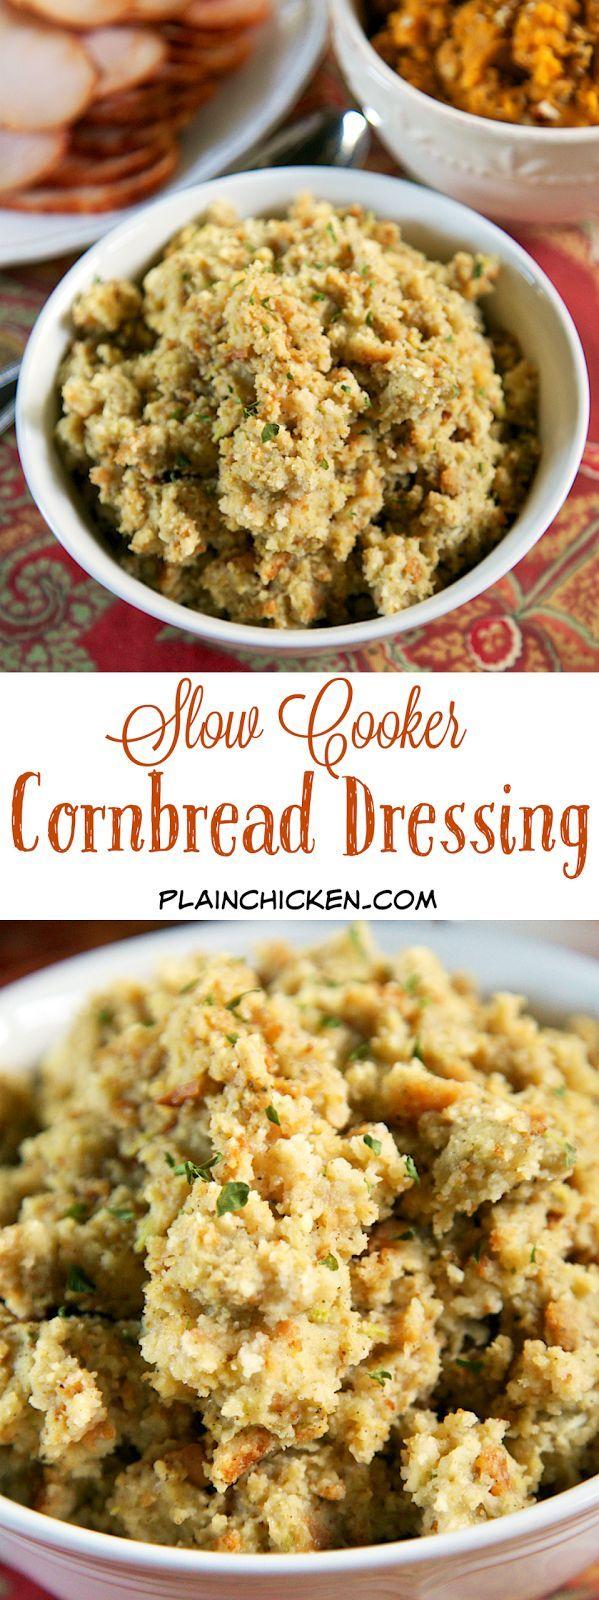 Slow Cooker Cornbread Dressing #cornbreaddressing